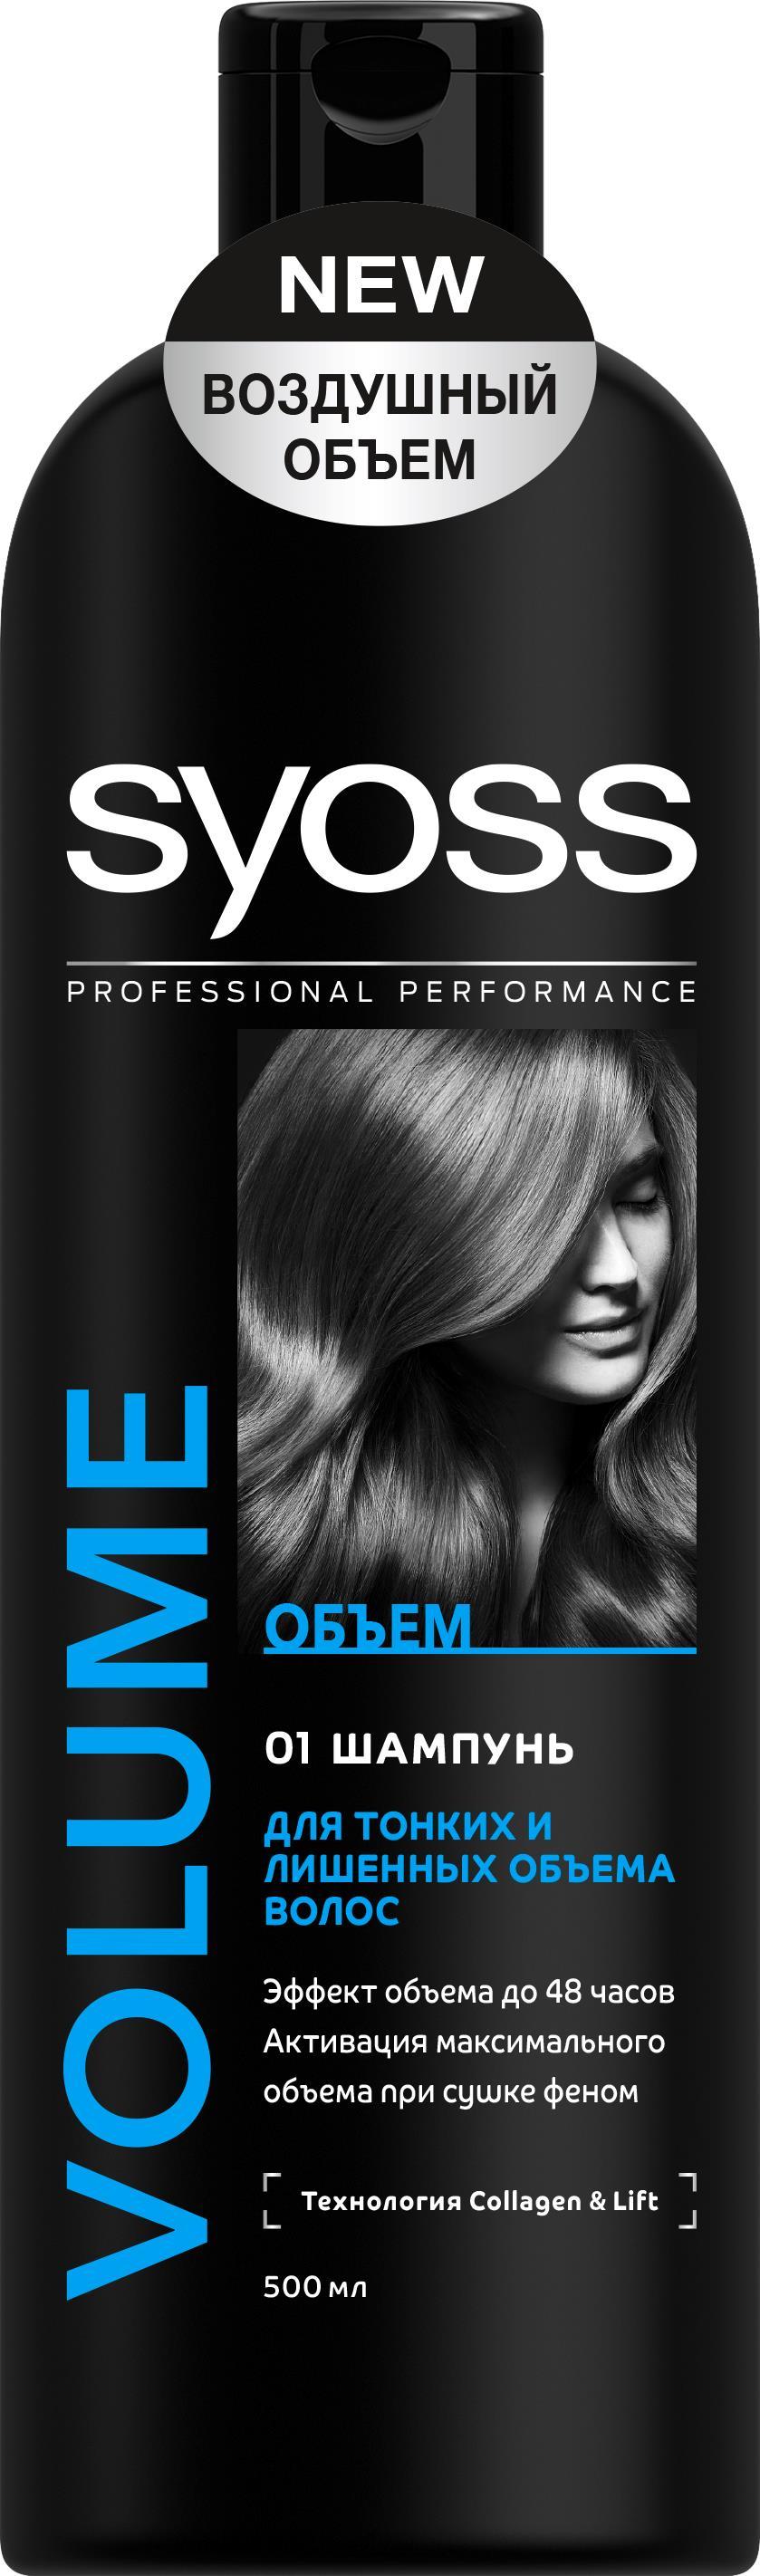 Syoss Шампунь Volume Lift, для тонких и ослабленных волос, 500 мл линия средств по уходу за волосами